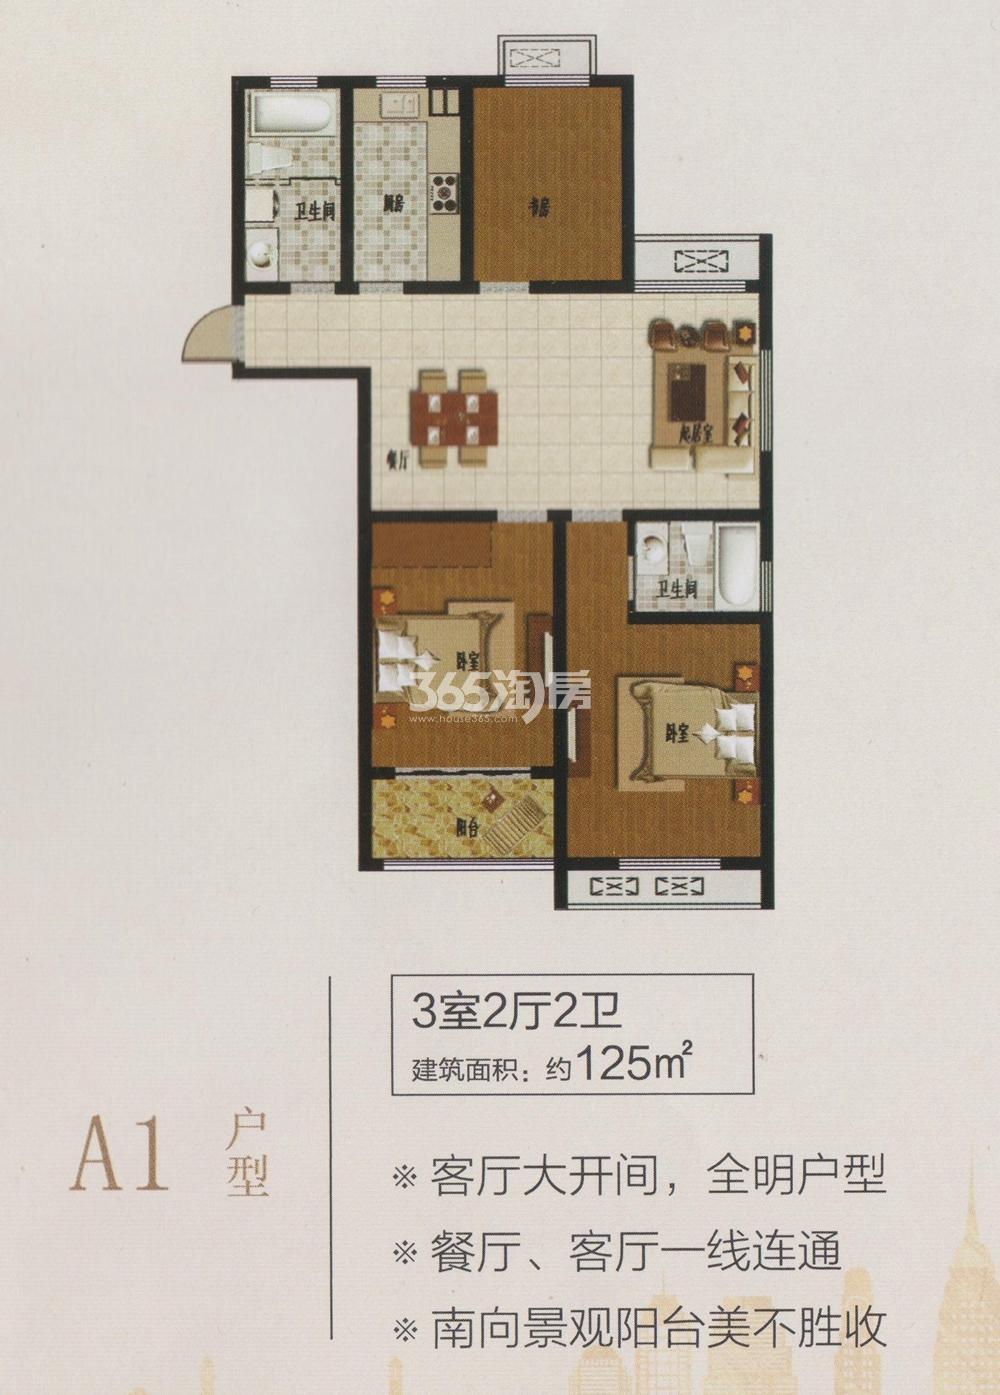 寺头家园125平A1户型